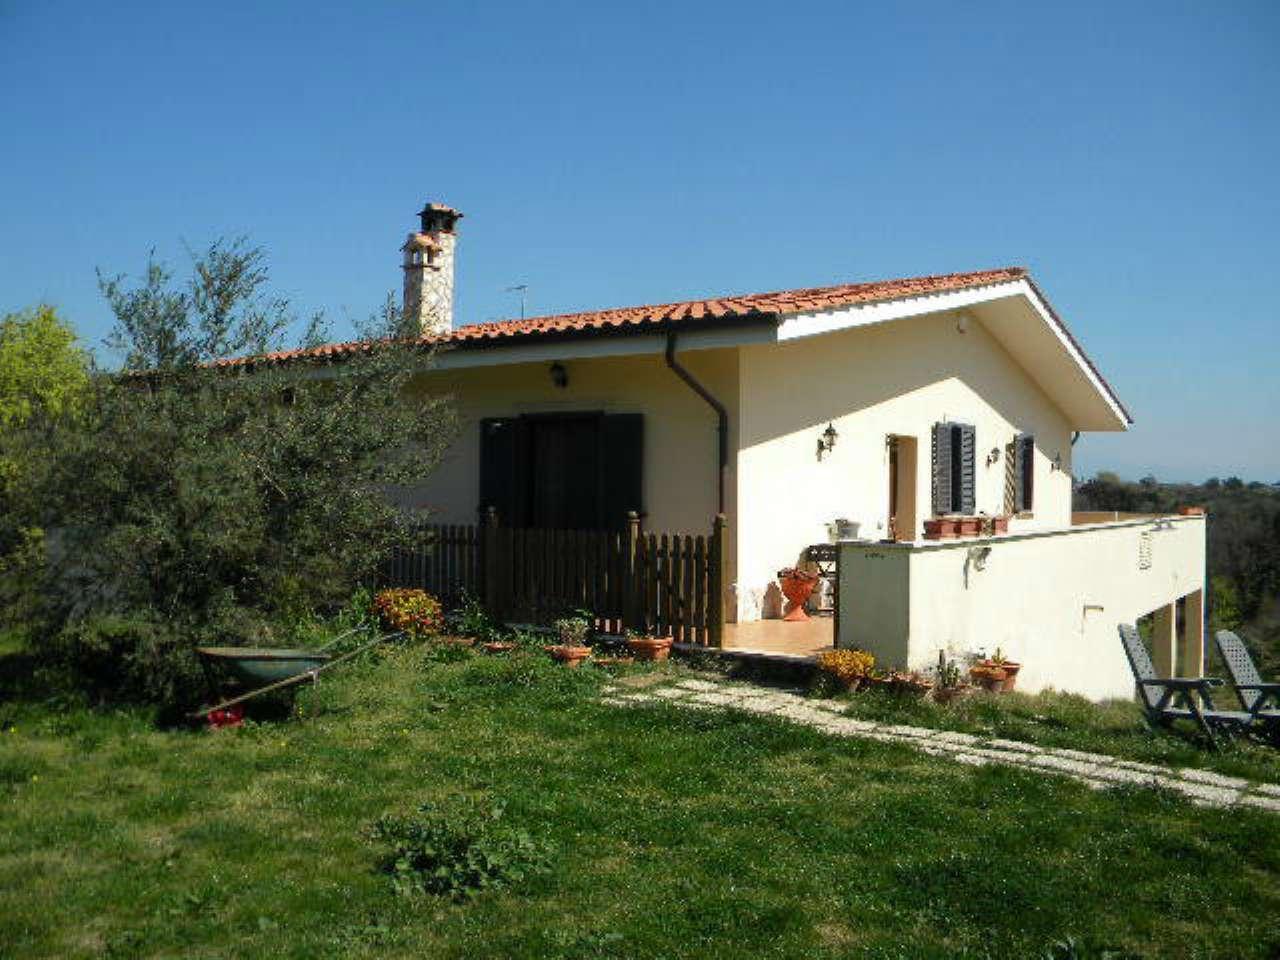 Villa in vendita a Aprilia, 4 locali, prezzo € 475.000 | Cambio Casa.it